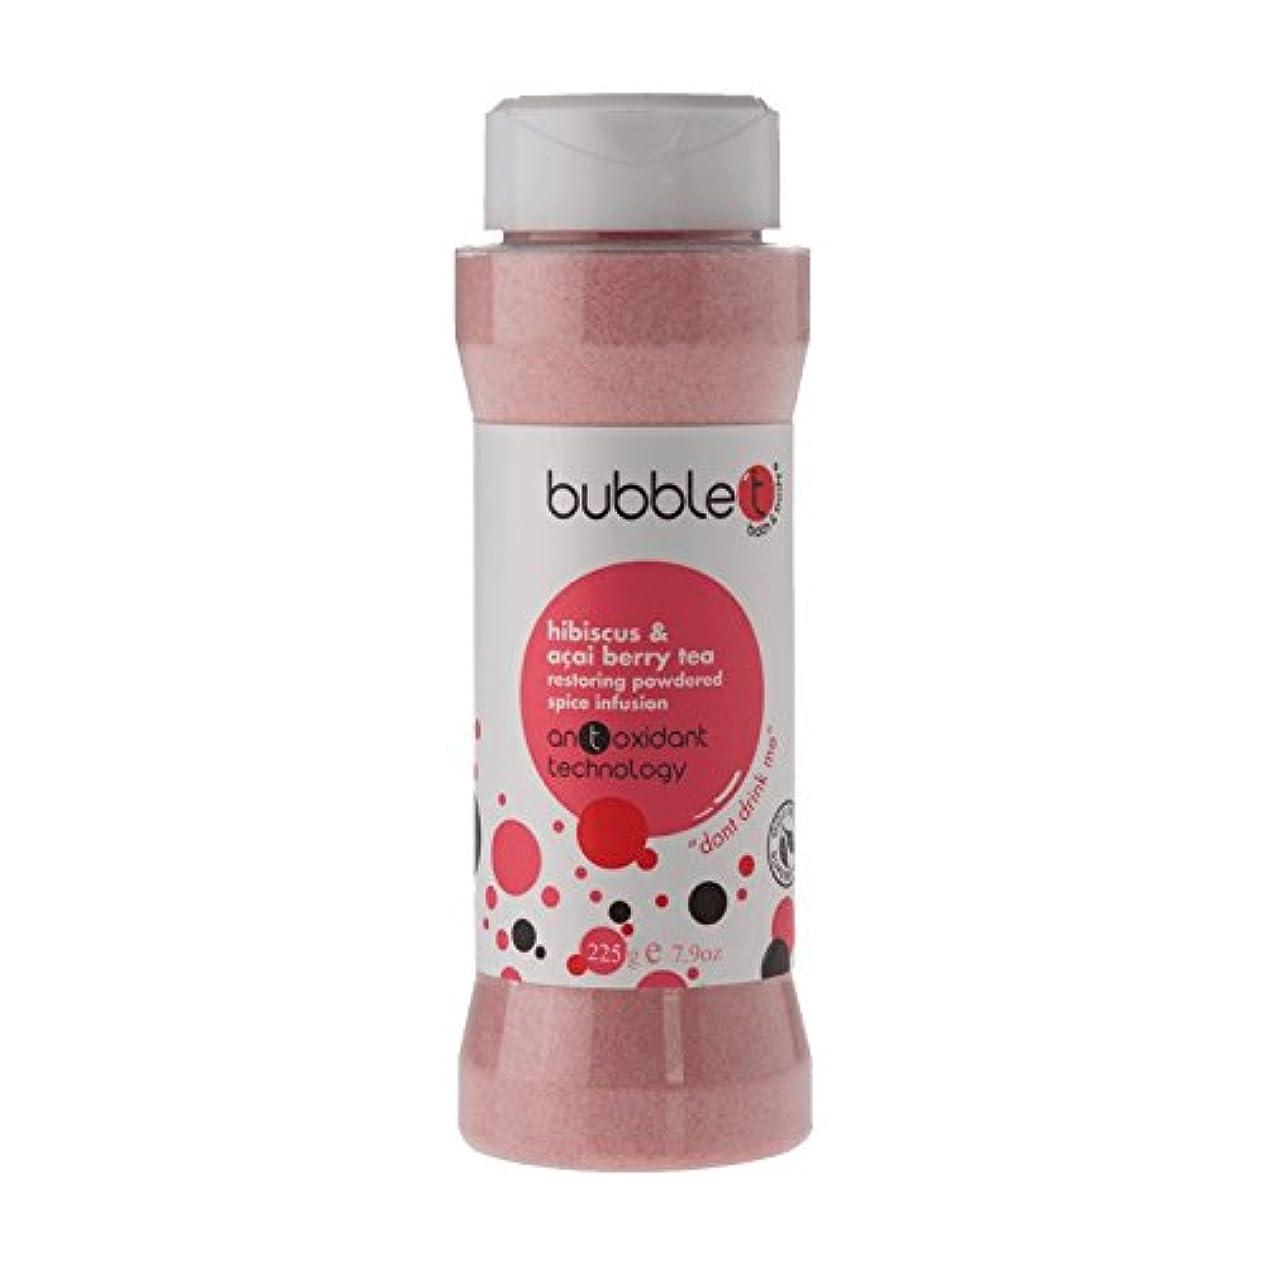 スクリーチ長々と壊すバブルトン風呂スパイス注入ハイビスカス&アサイベリー茶225グラム - Bubble T Bath Spice Infusion Hibiscus & Acai Berry Tea 225g (Bubble T) [並行輸入品]